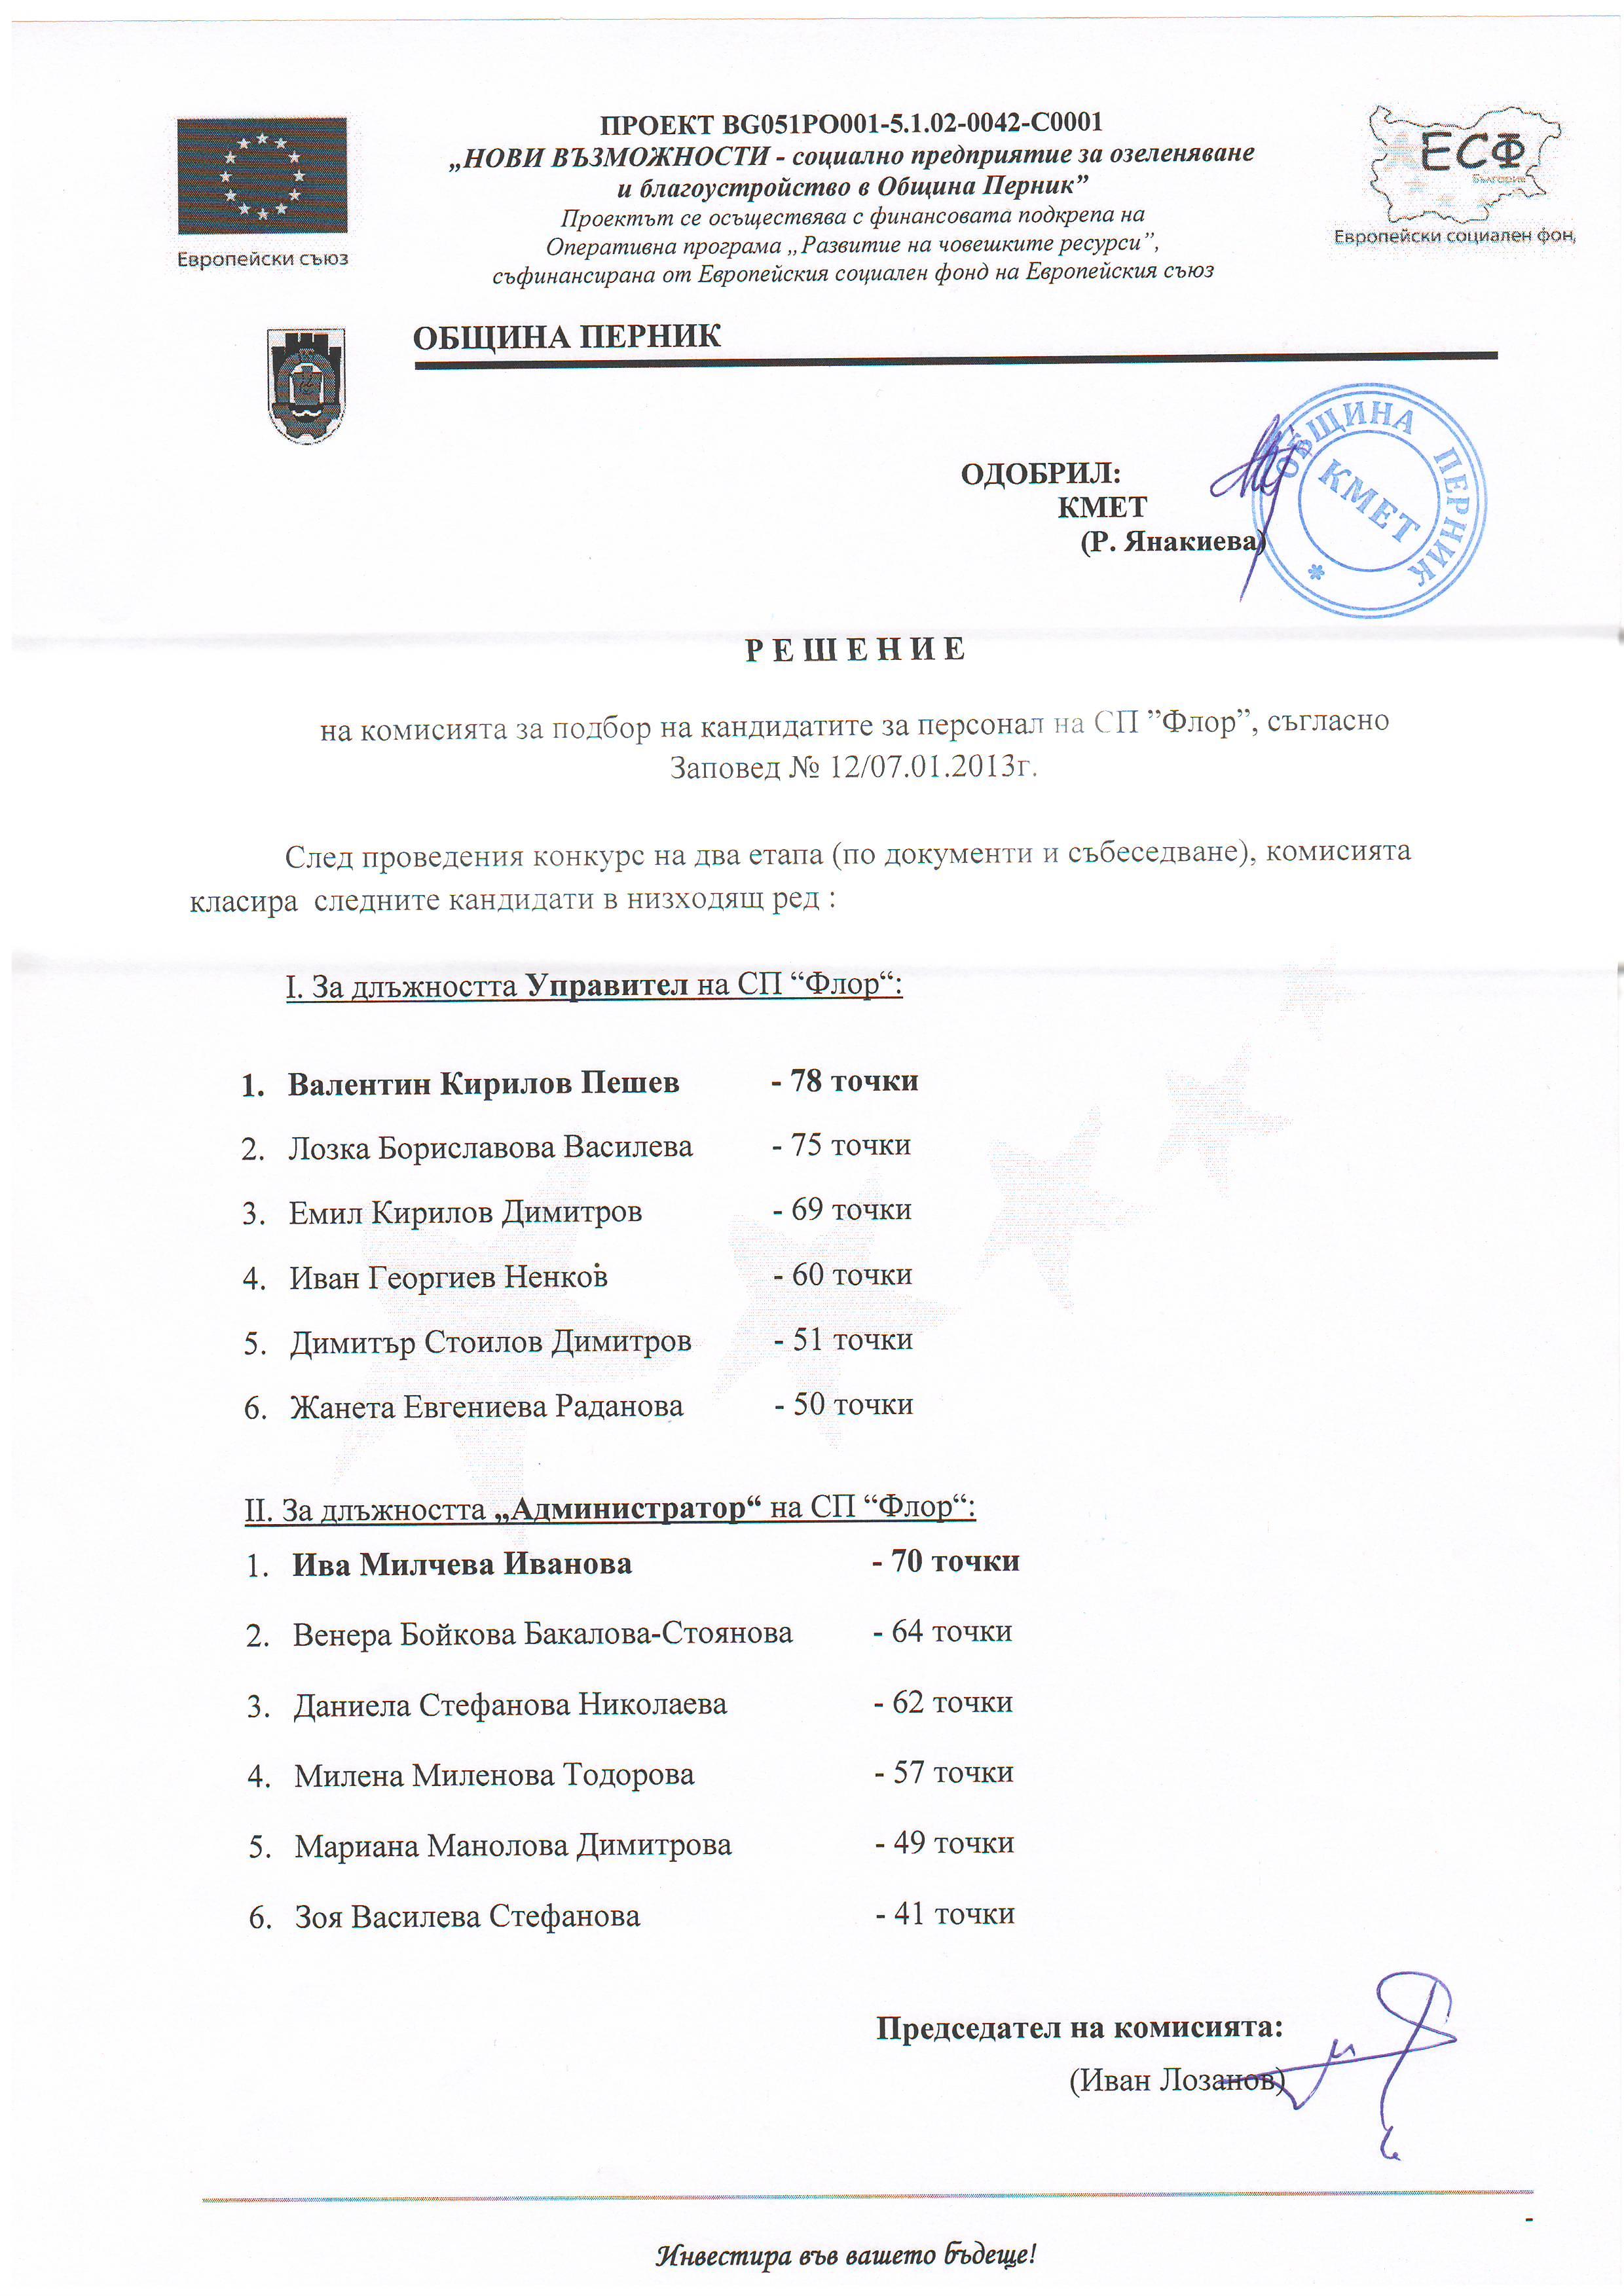 """Решение на комисията за подбор на кандидатите за персонал на СП """"Флор"""", съгласно Заповед № 12/07.01.2013г."""